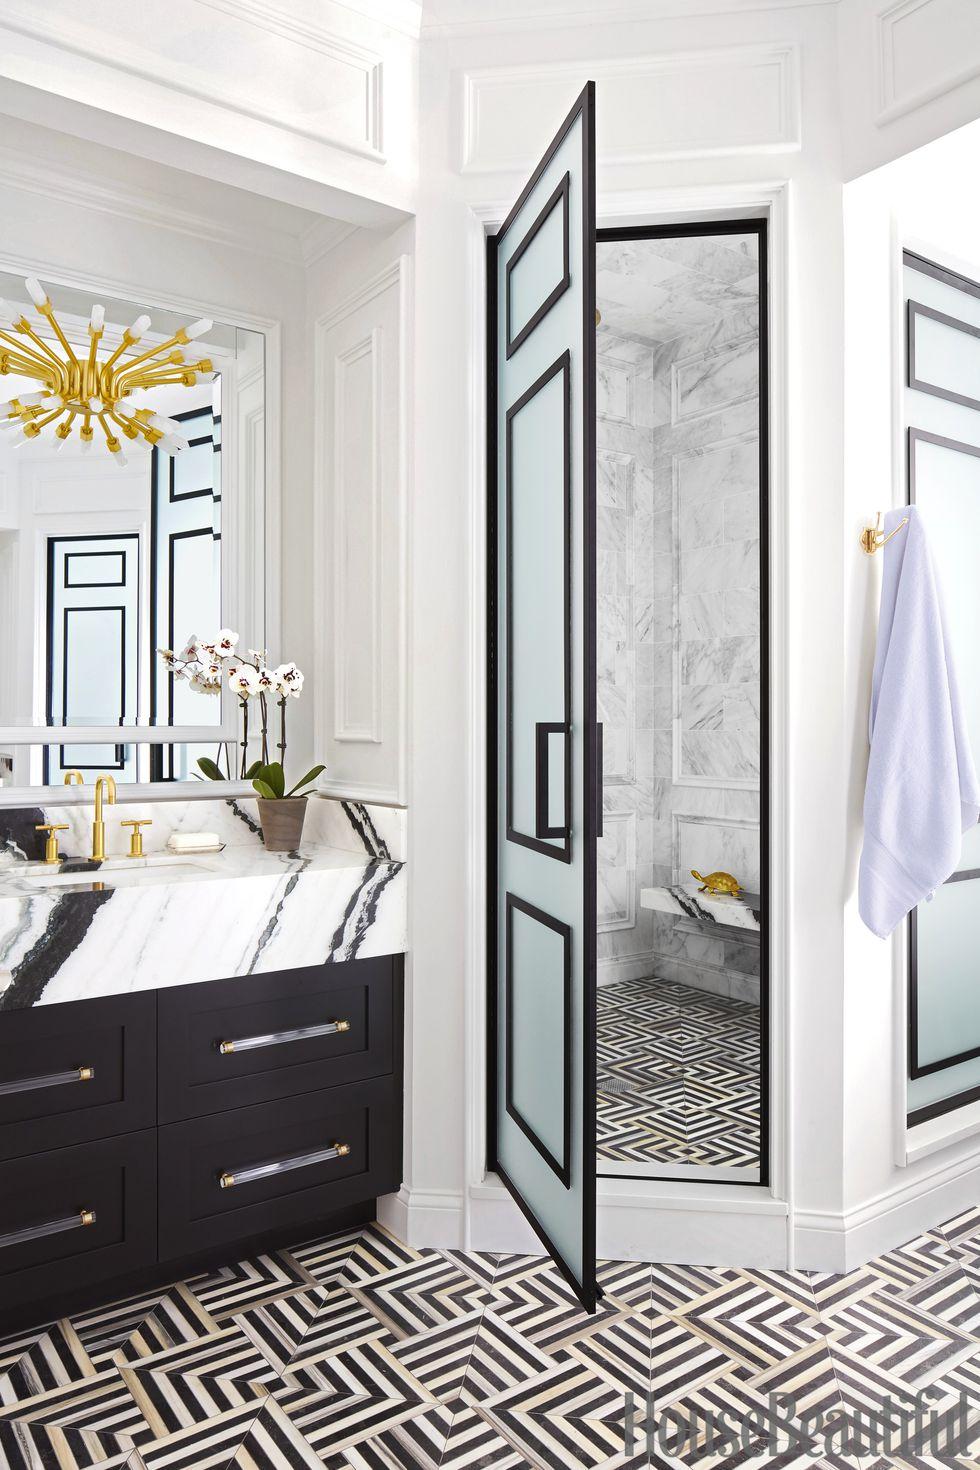 suzann-kletzien-bathroom-shower-0218-1515436021